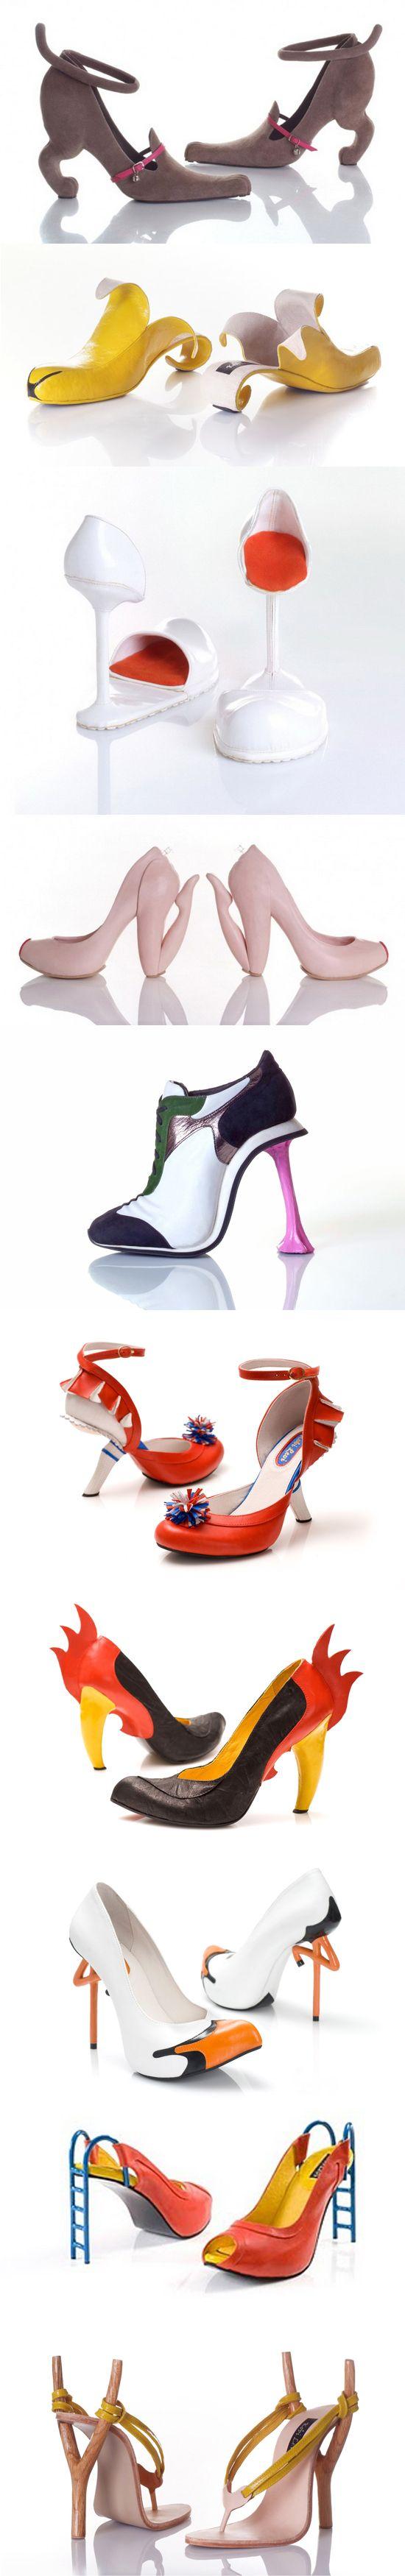 Another set of wacky heels